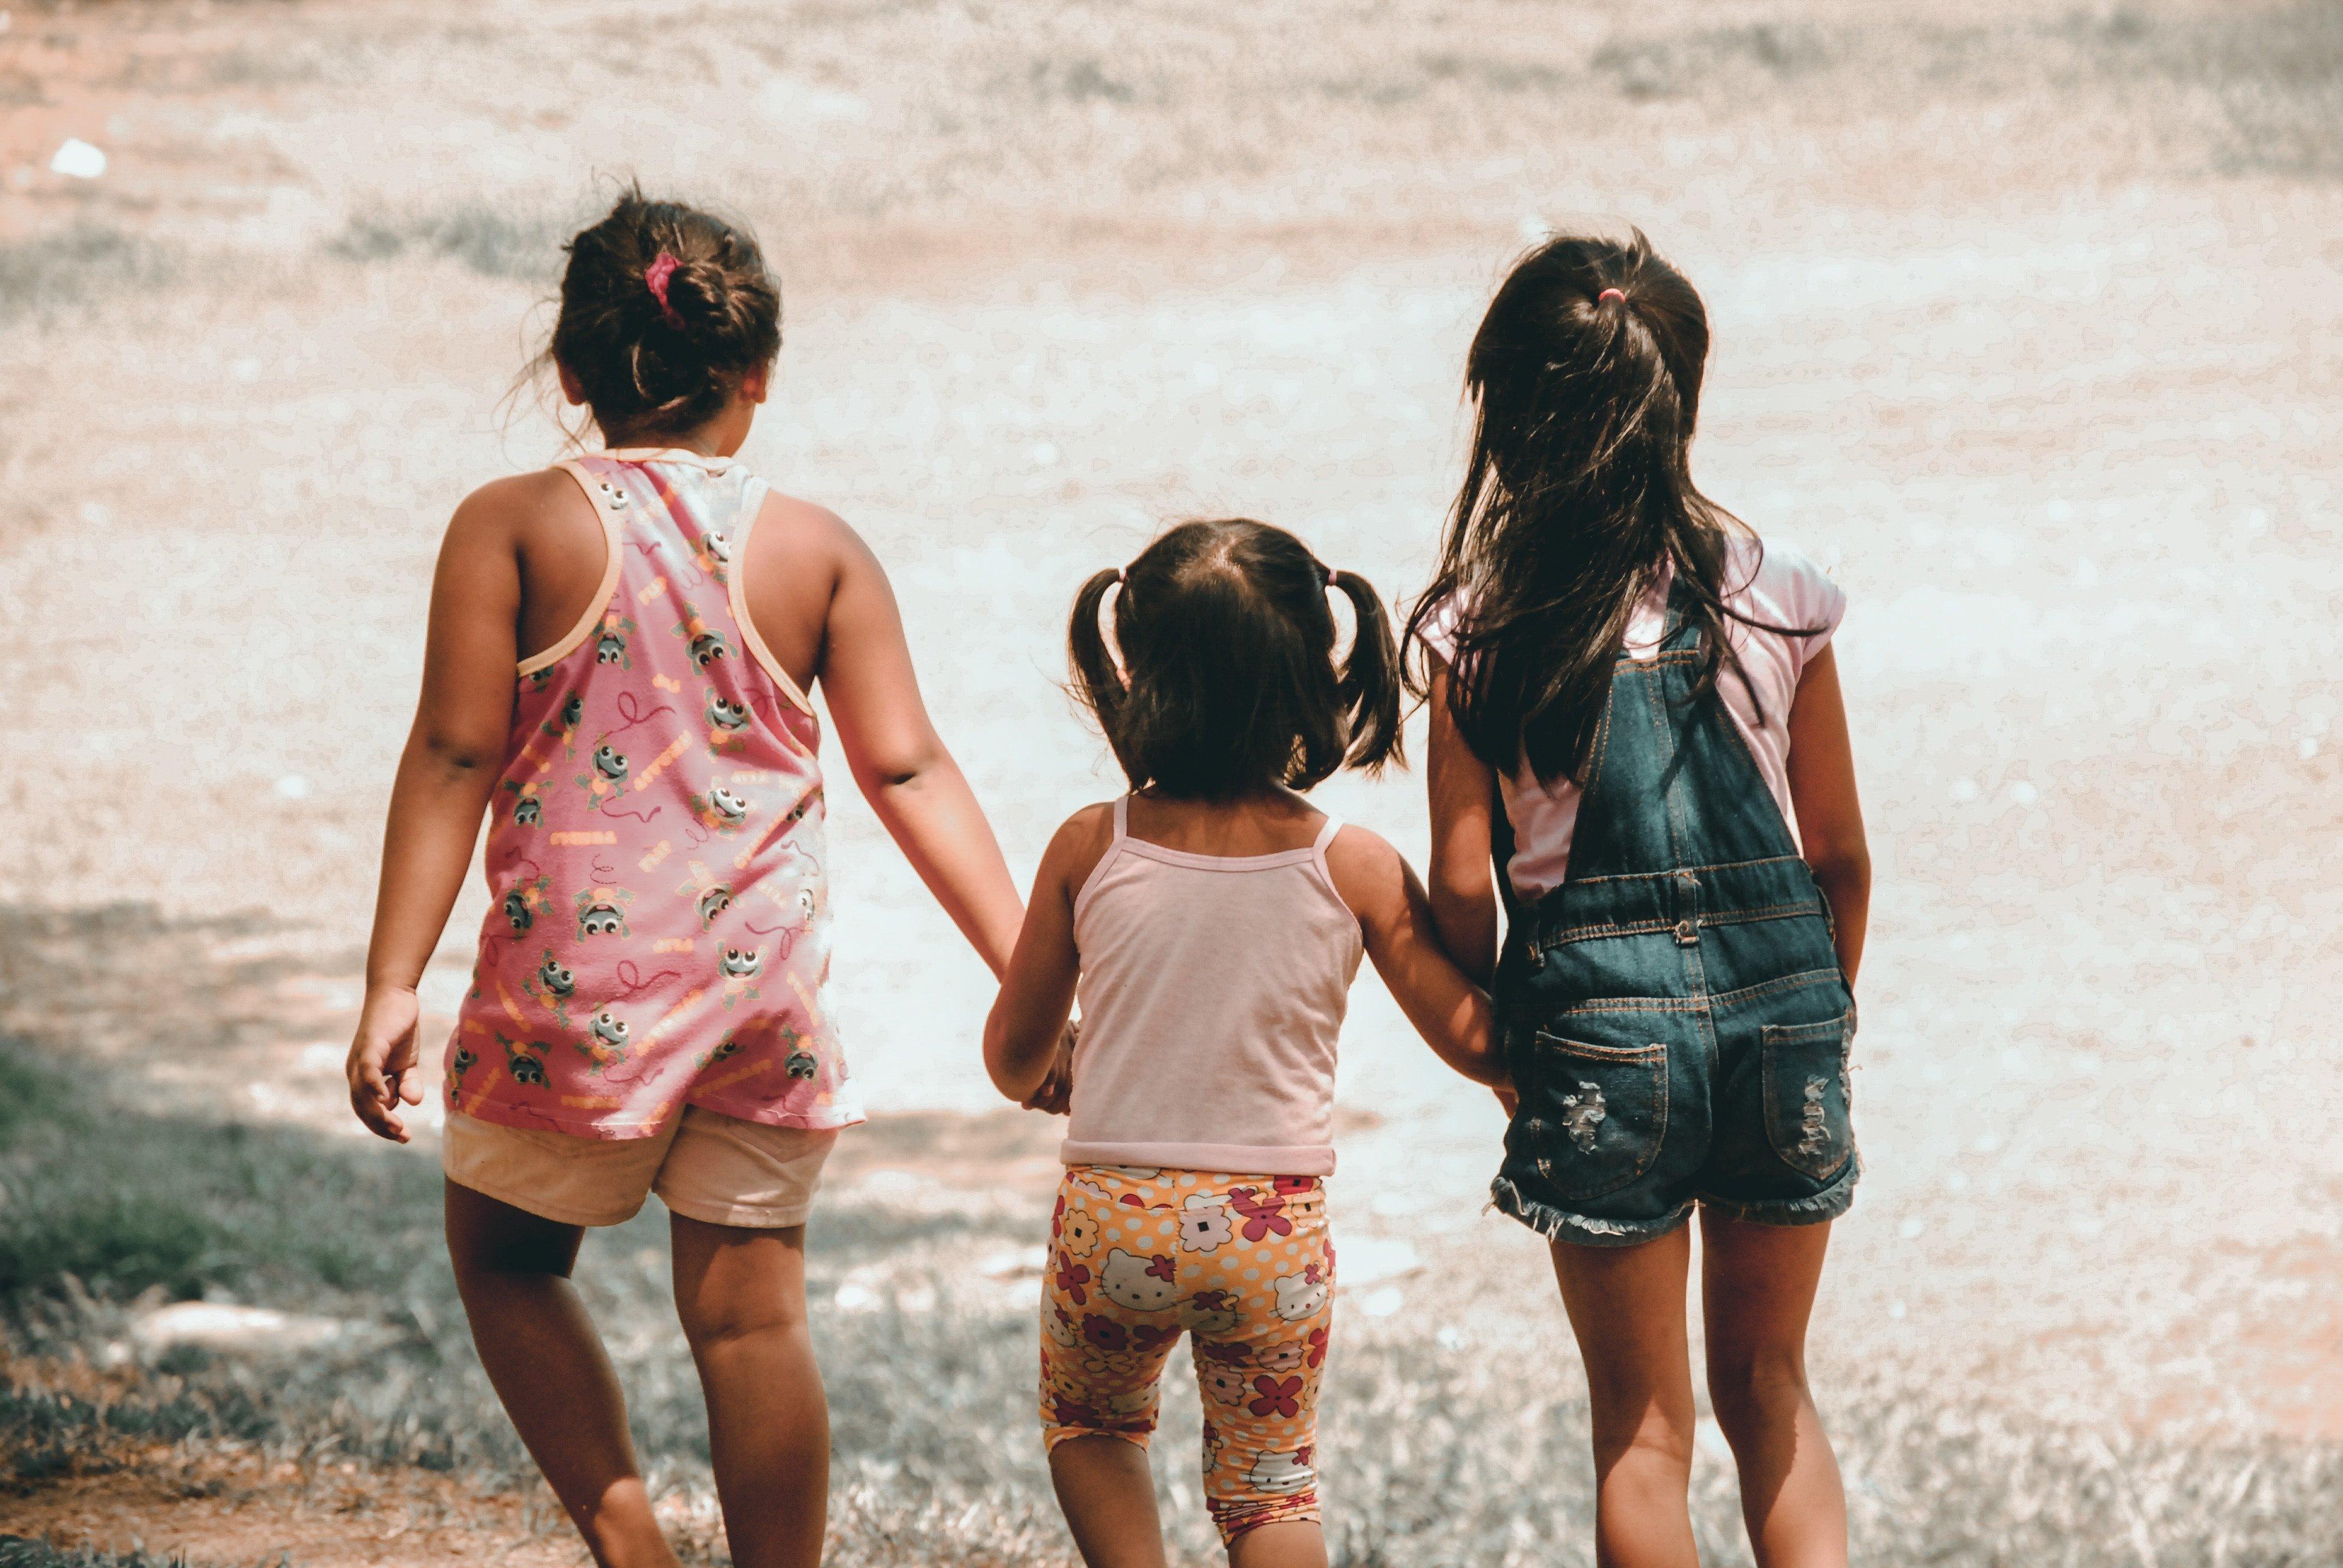 charlein gracia 683300 unsplash.jpg?resize=636,358 - Ciência afirma que o filho do meio dá mais trabalho que seus irmãos: Entenda o motivo!